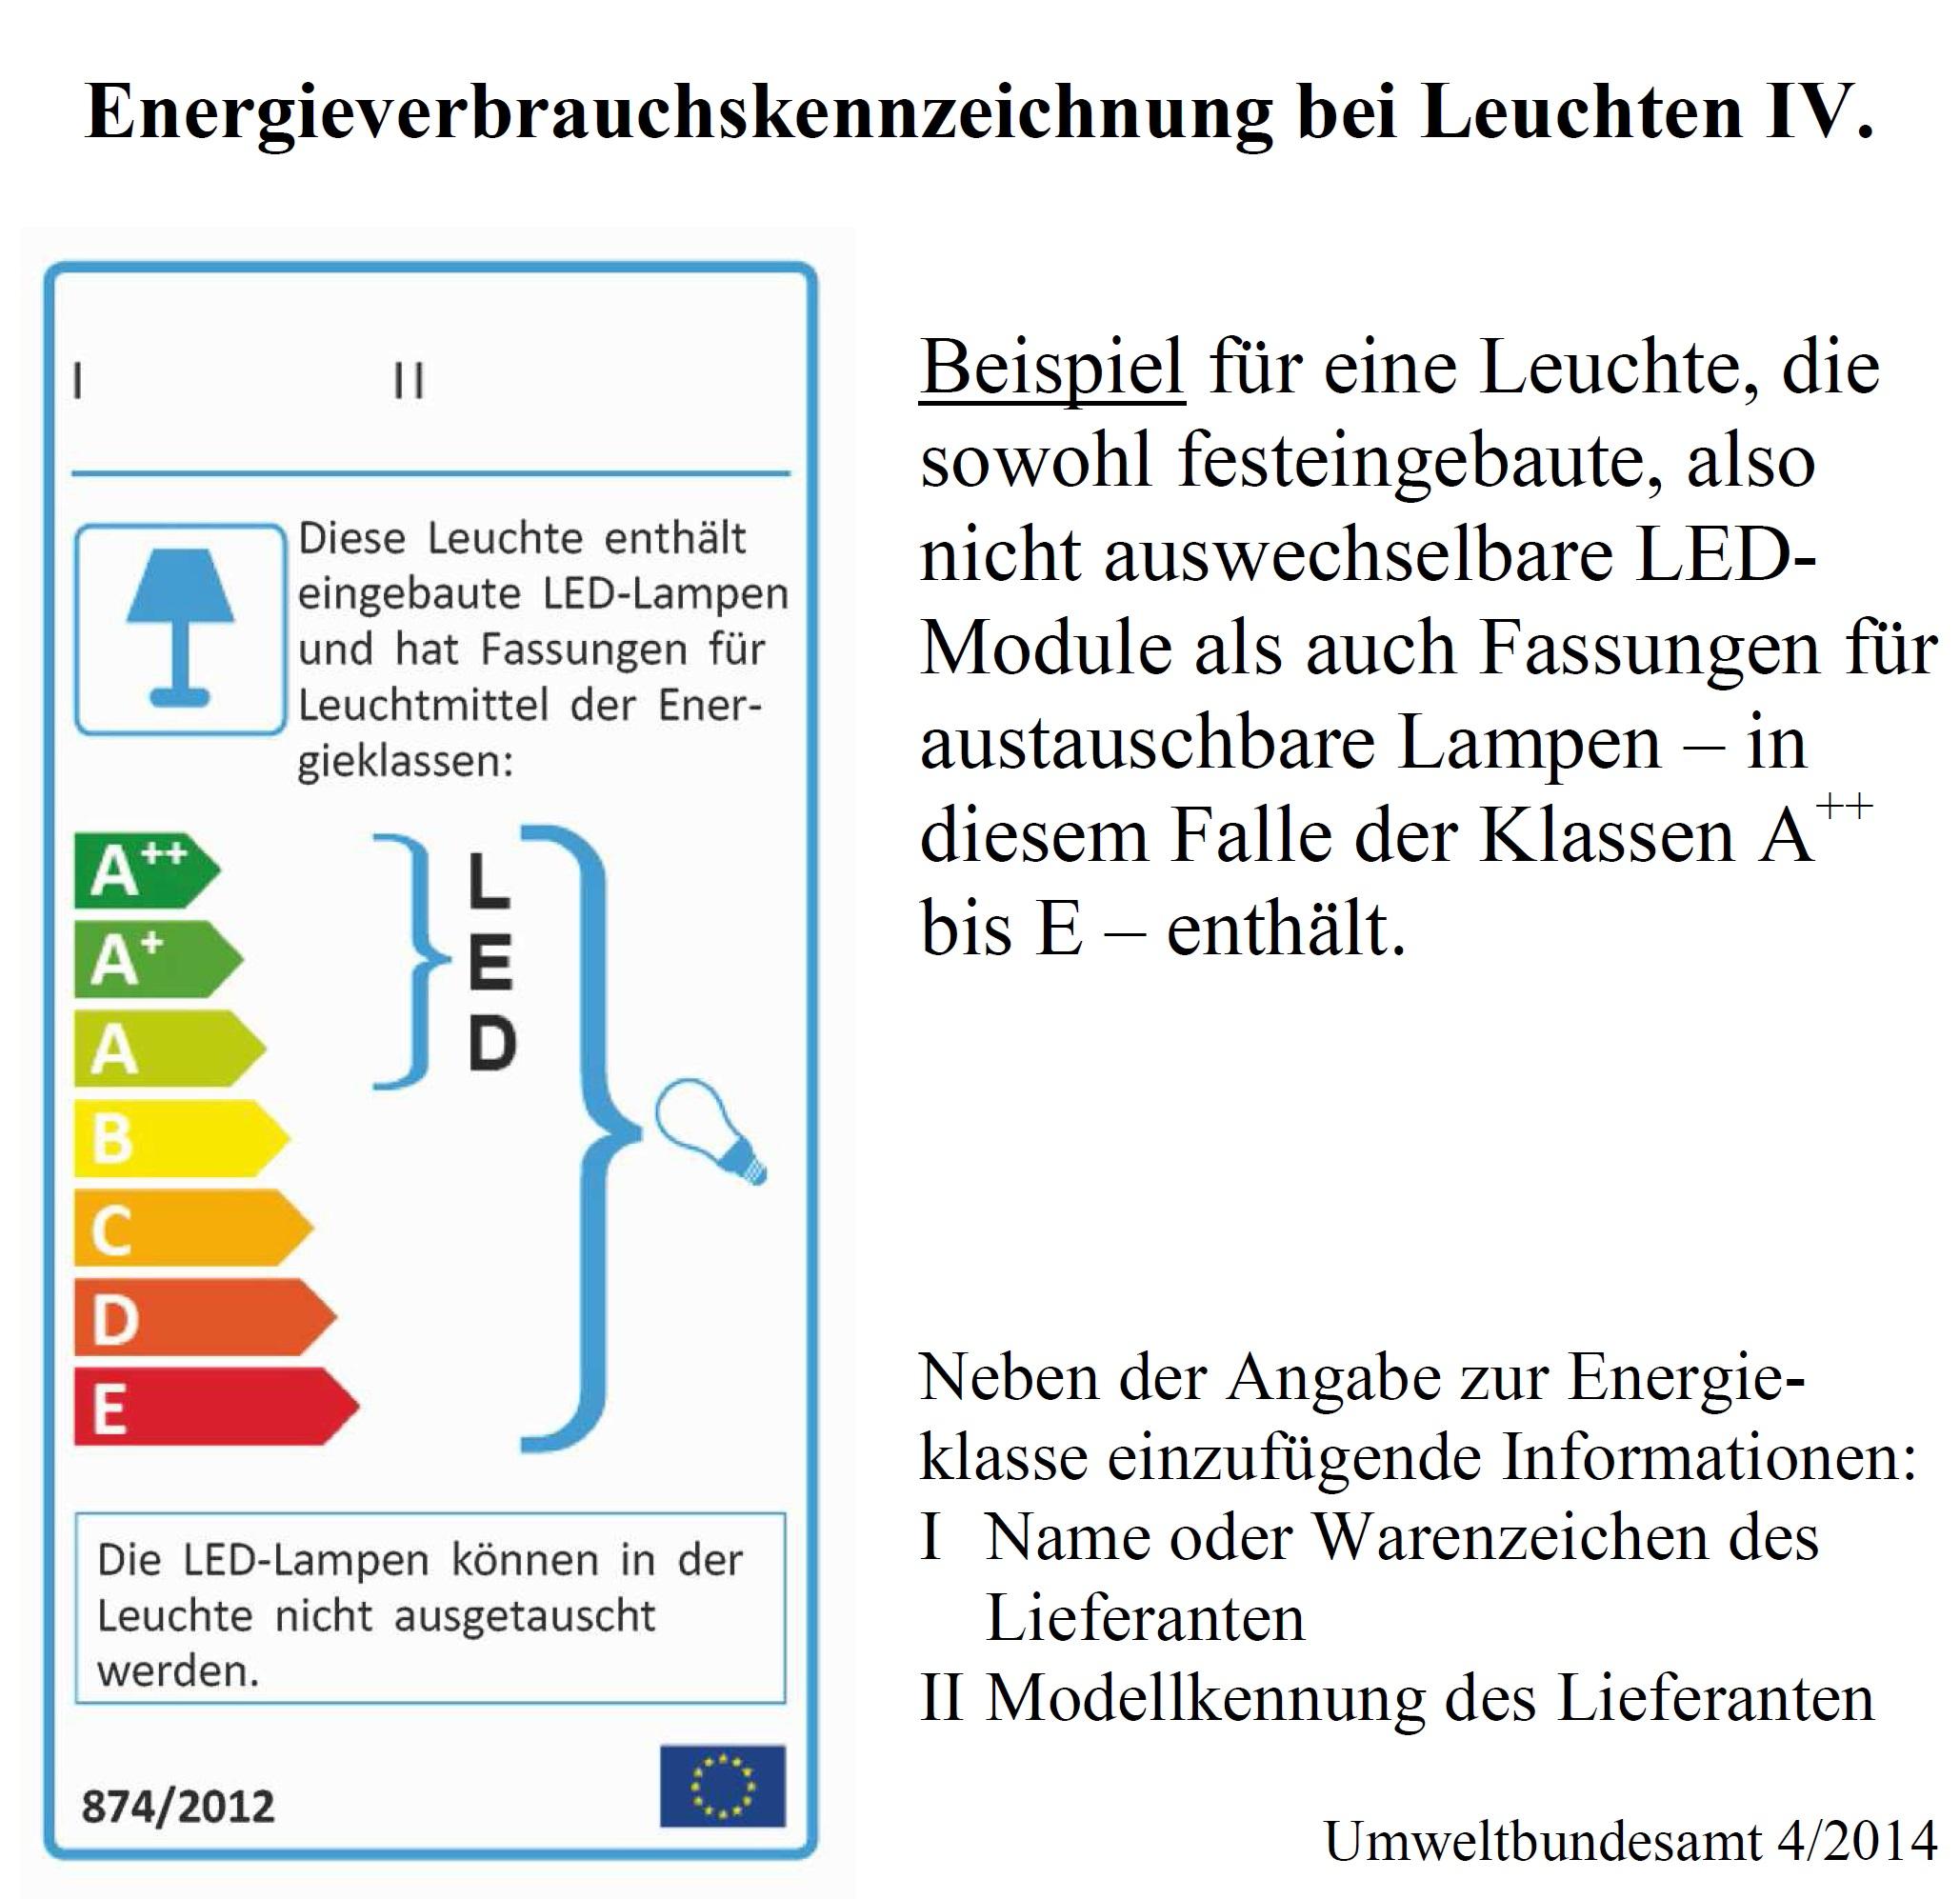 bildergalerie_energieverbrauchskennzeichnung_bei_leuchten_iv Spannende Led Lampen 10 Watt Dekorationen